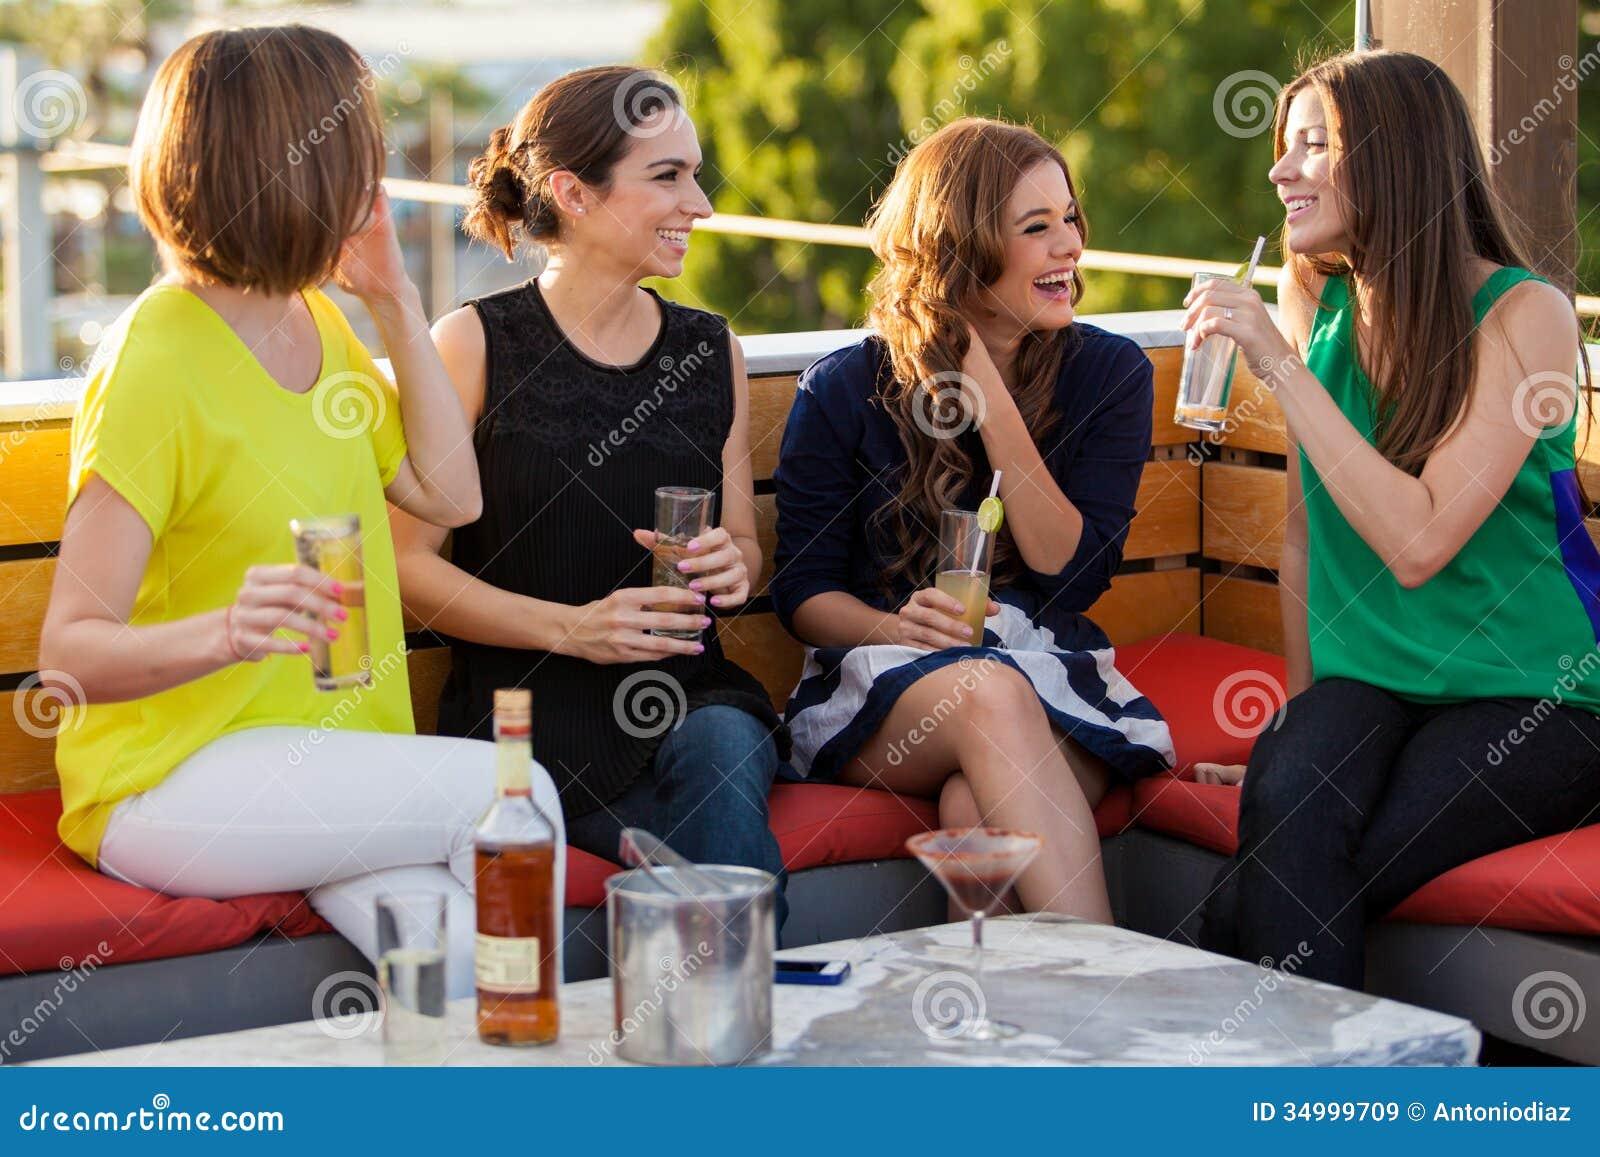 Girls Having Fun At A Bar Royalty Free Stock Images ...